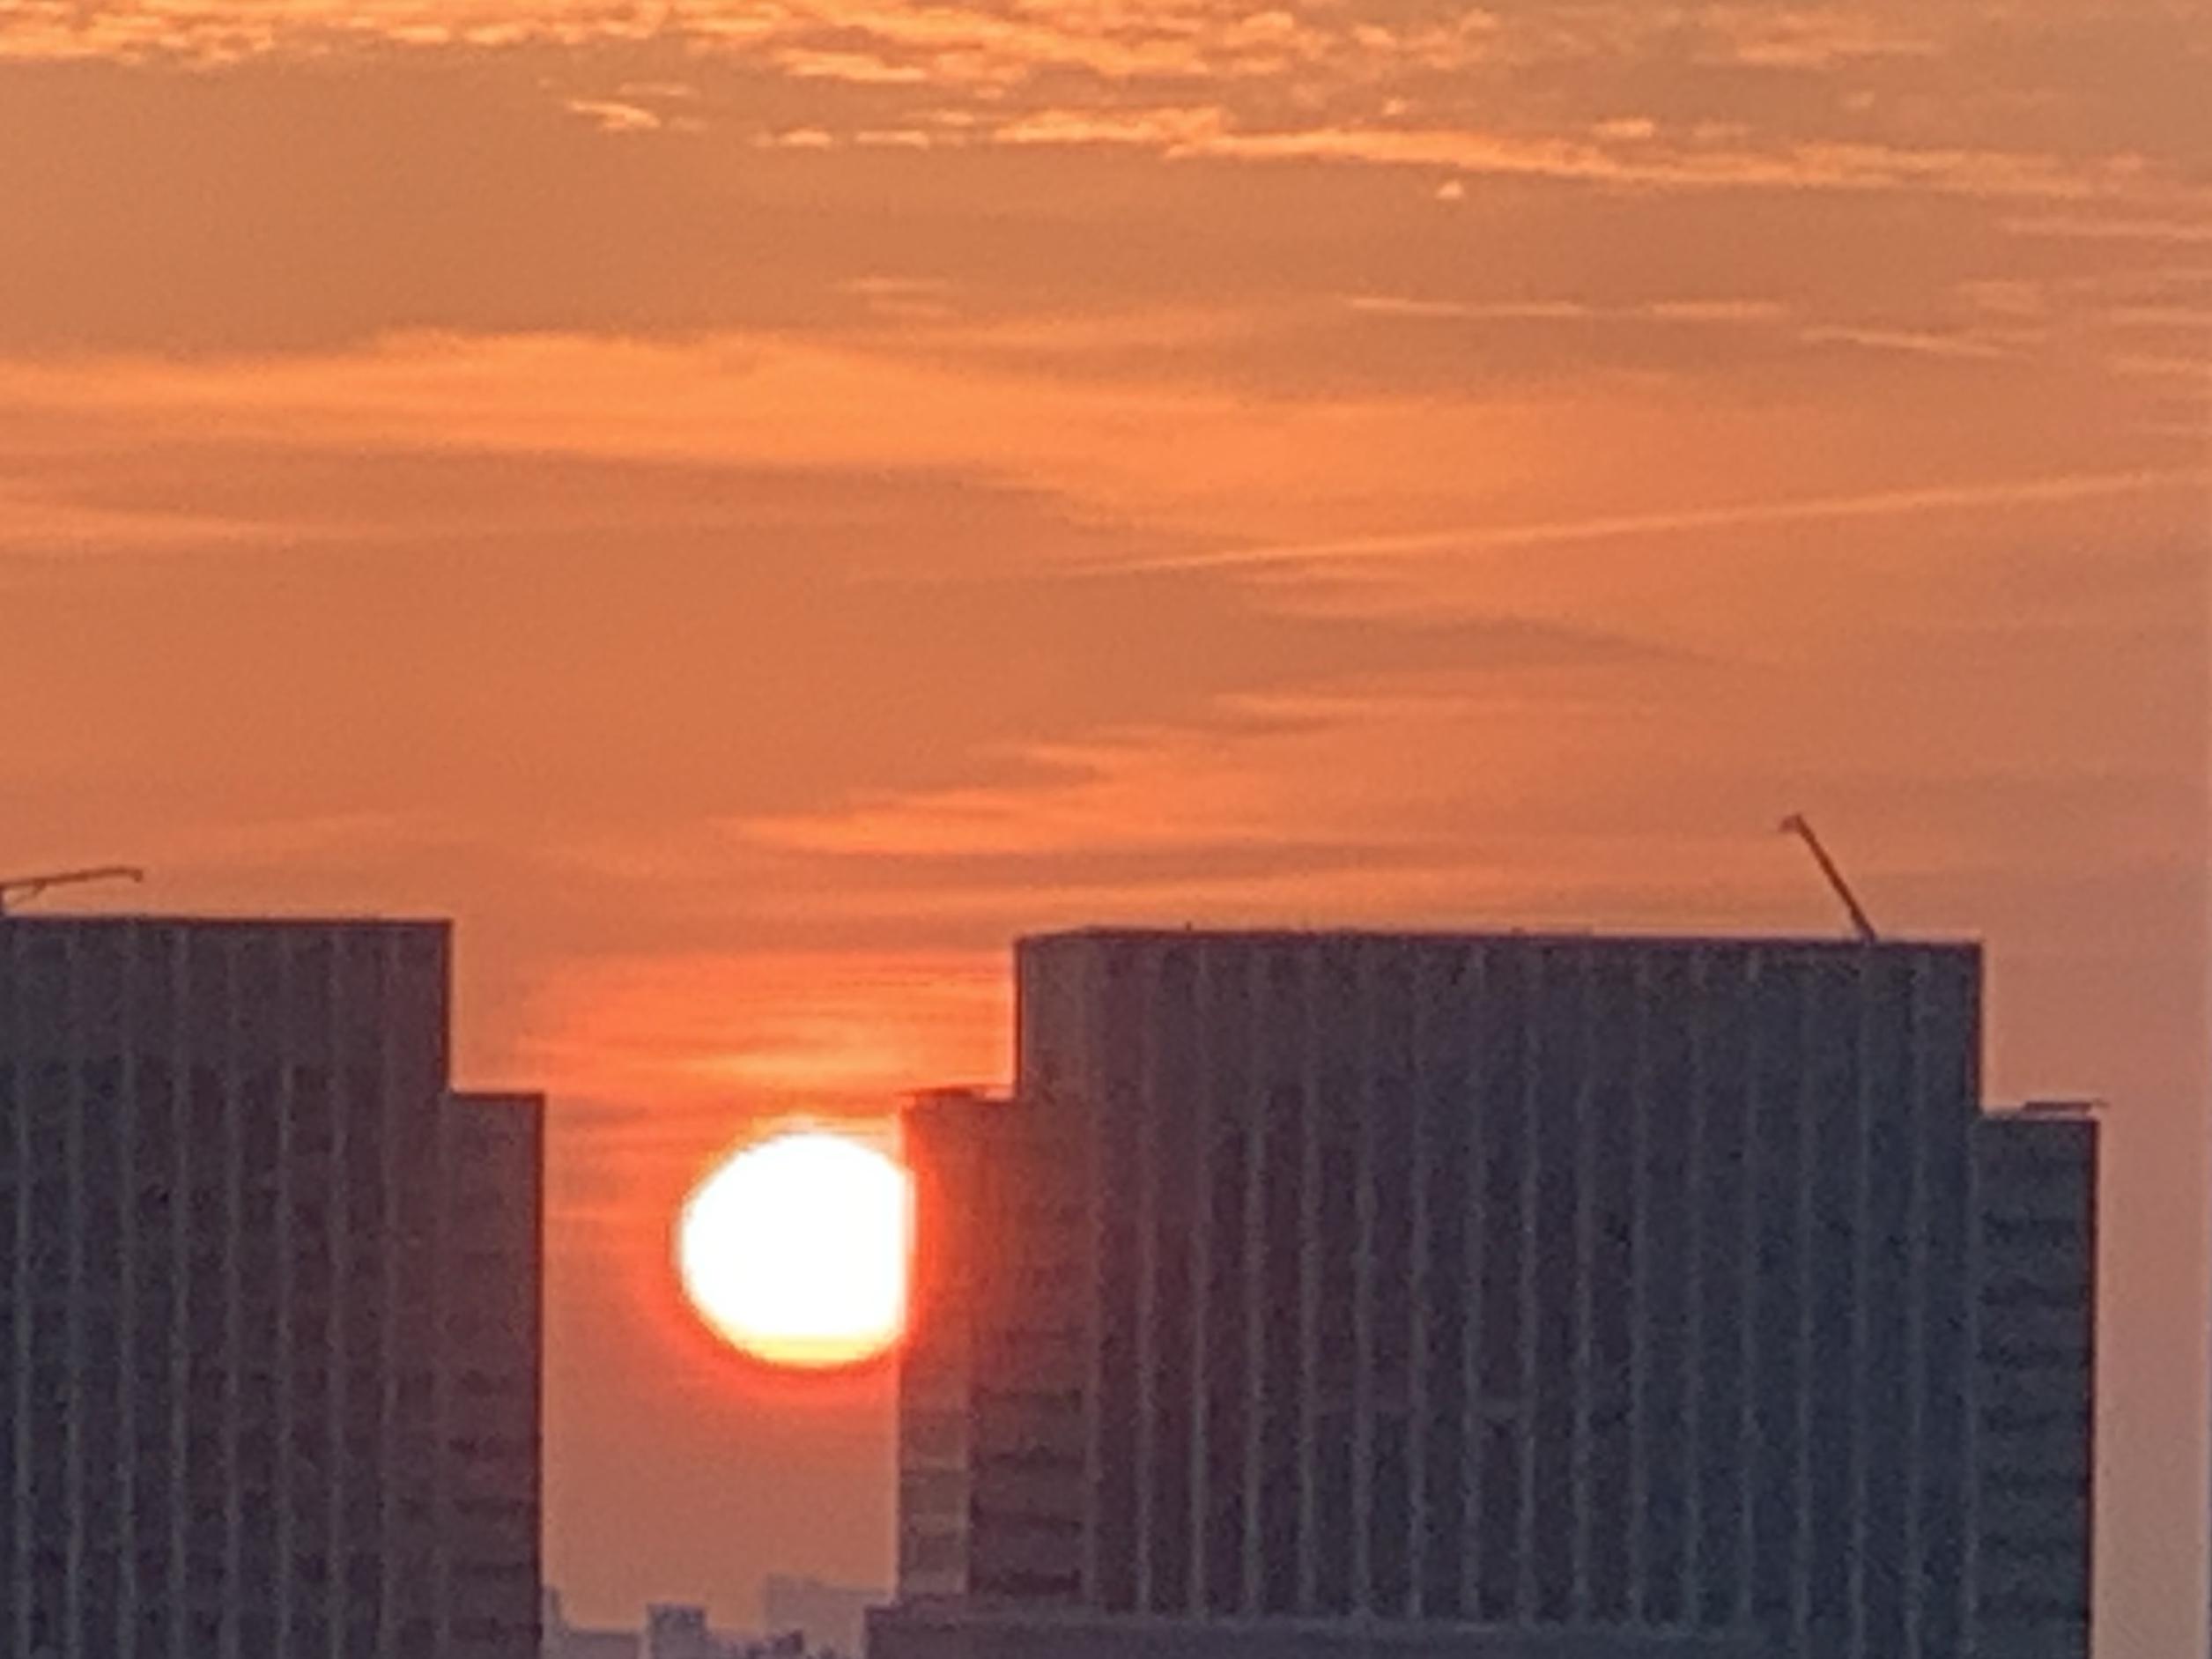 情熱的な朝陽「果てしない思い」❤️